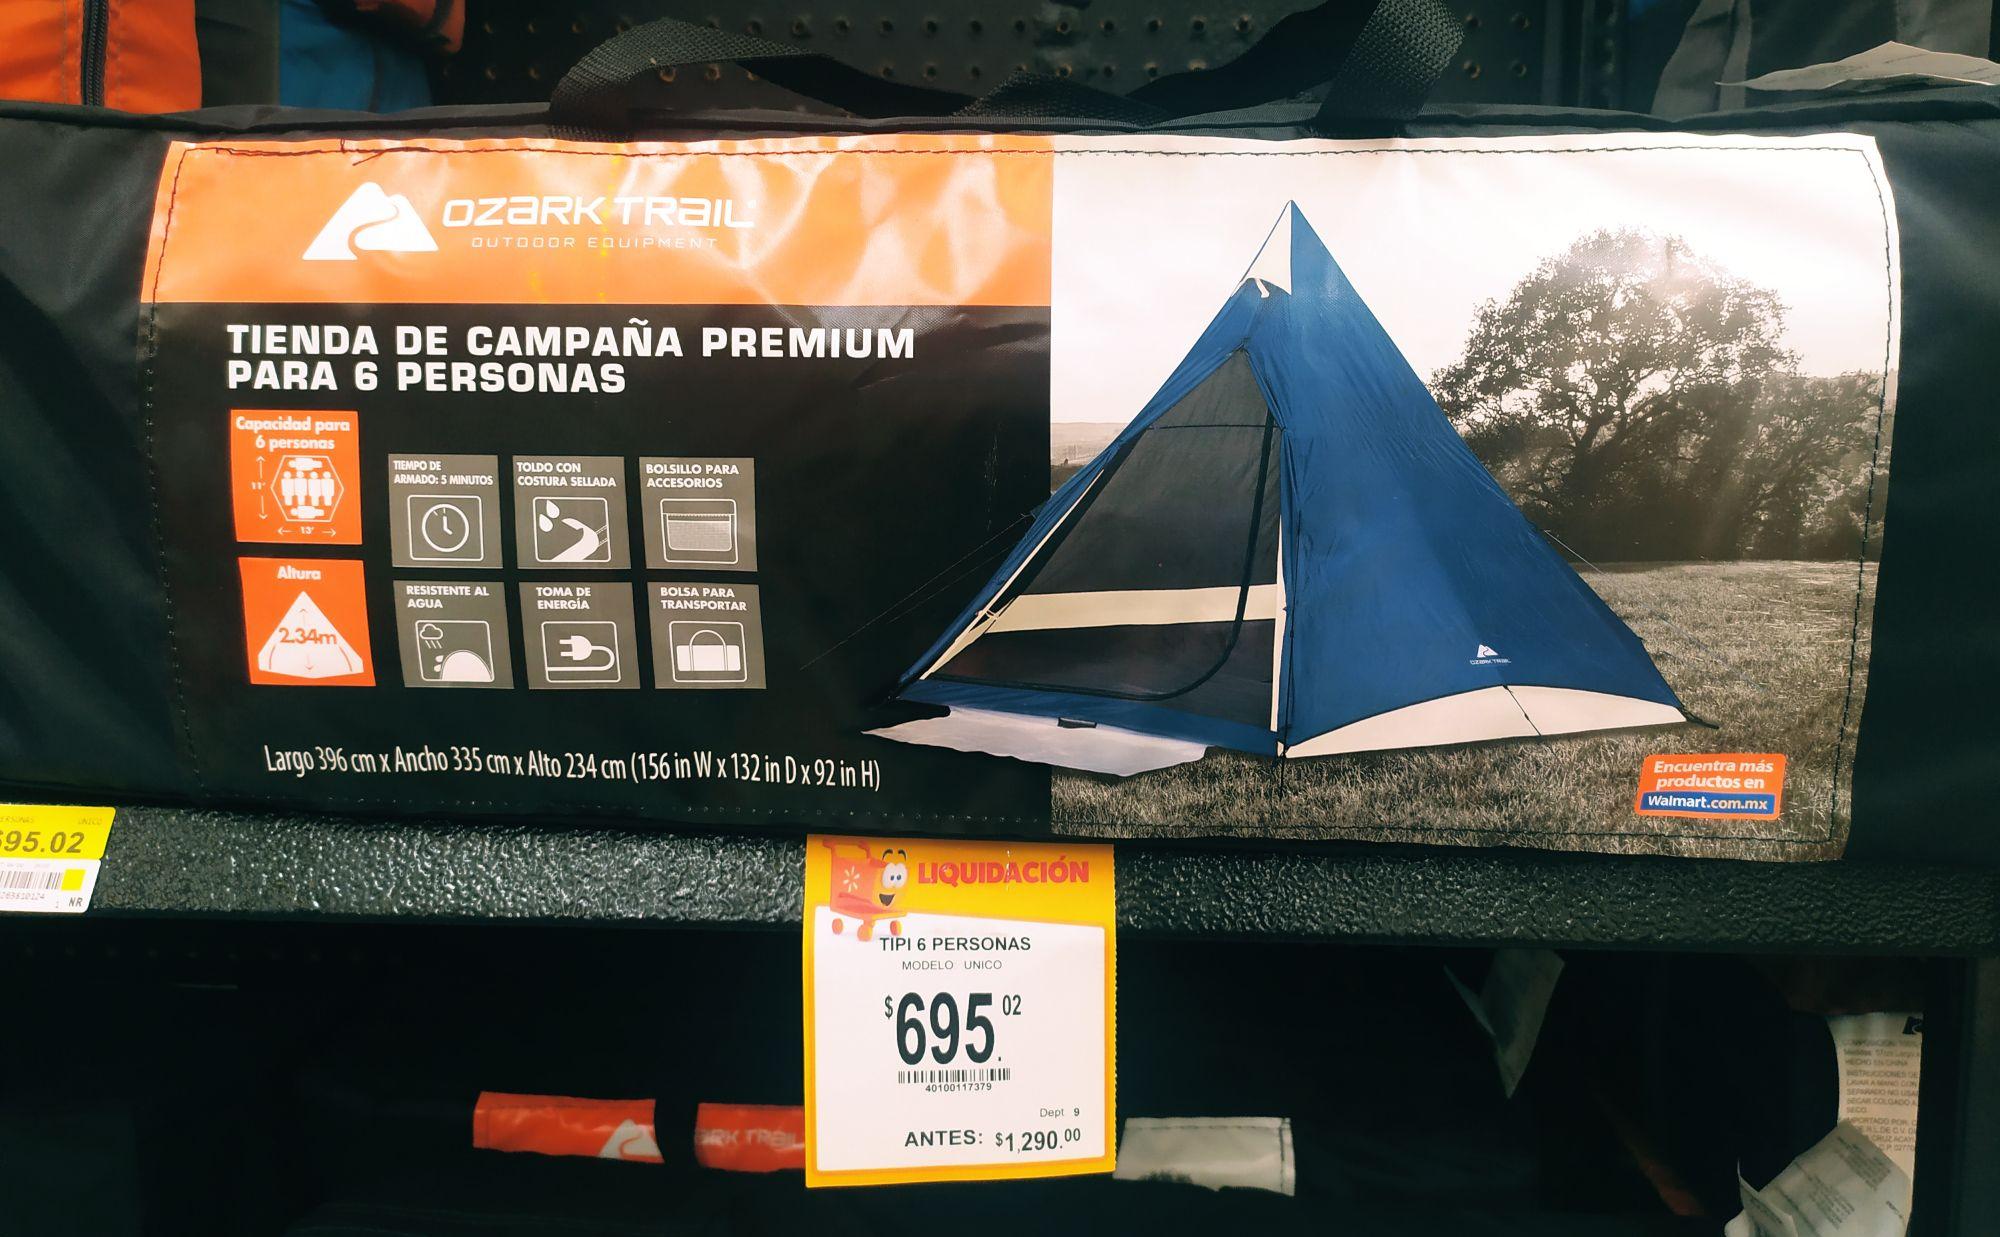 Walmart: Tienda de campaña premium 6 personas